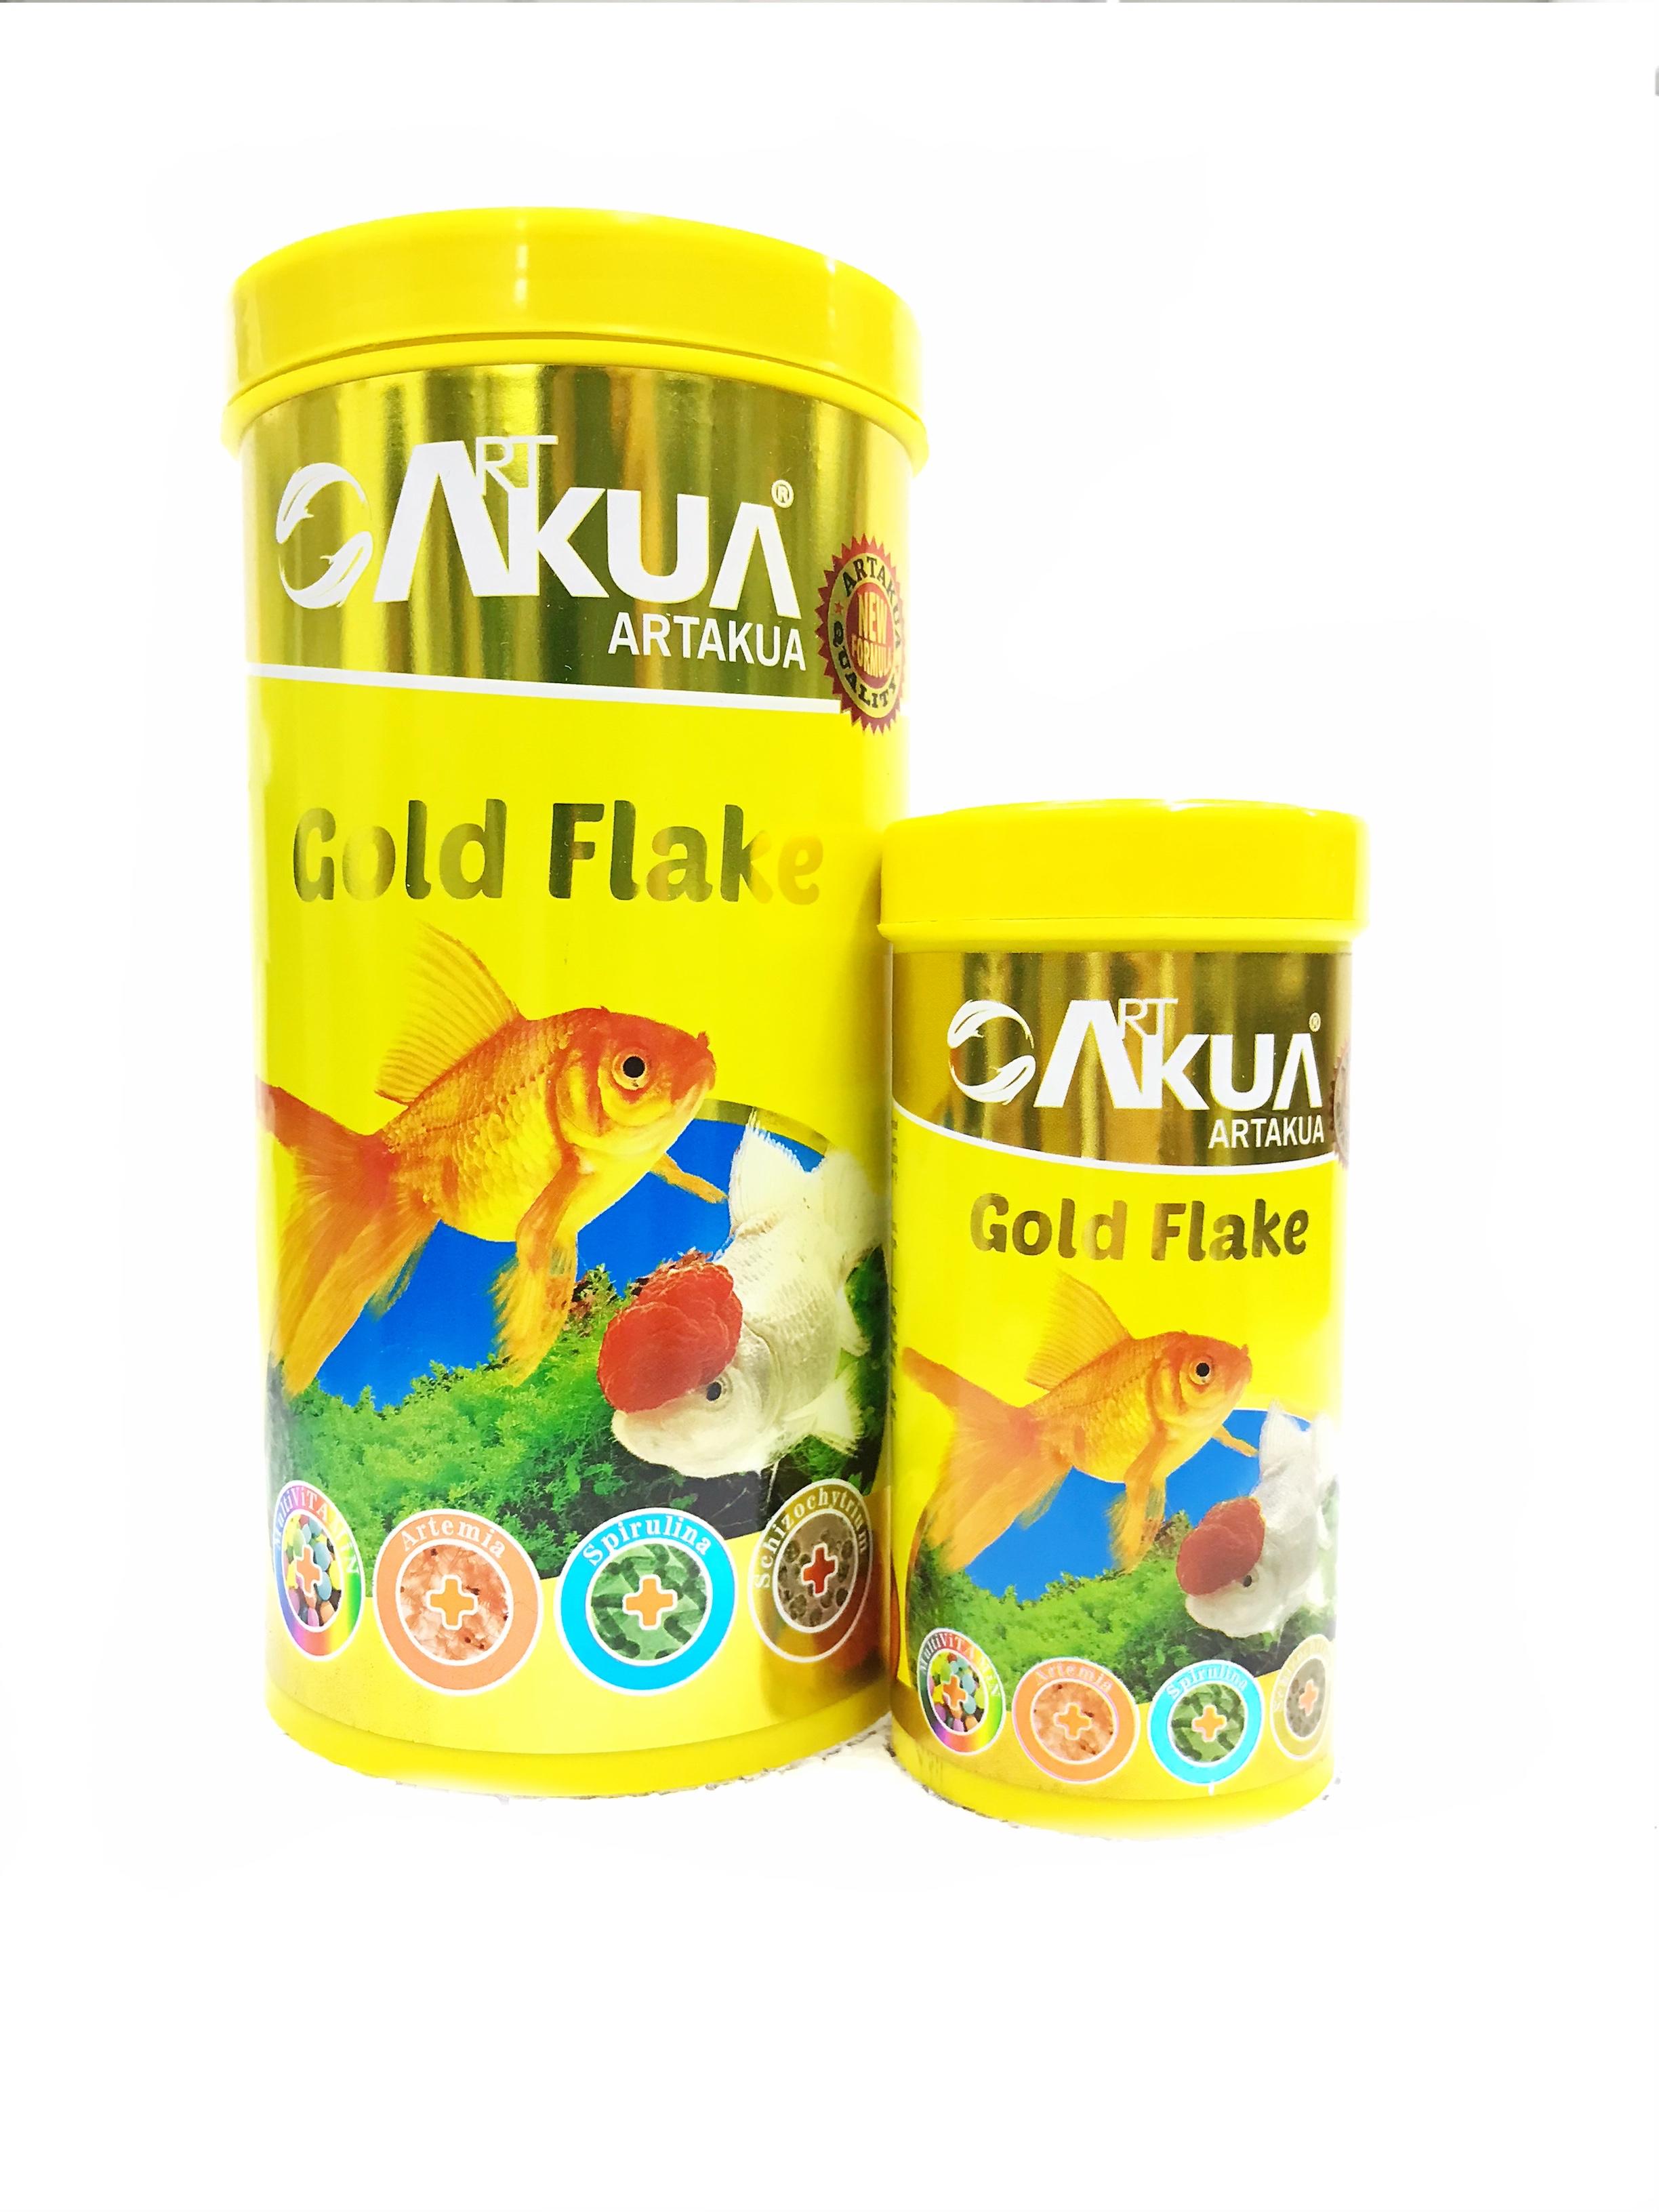 Artakua Gold Flake Food